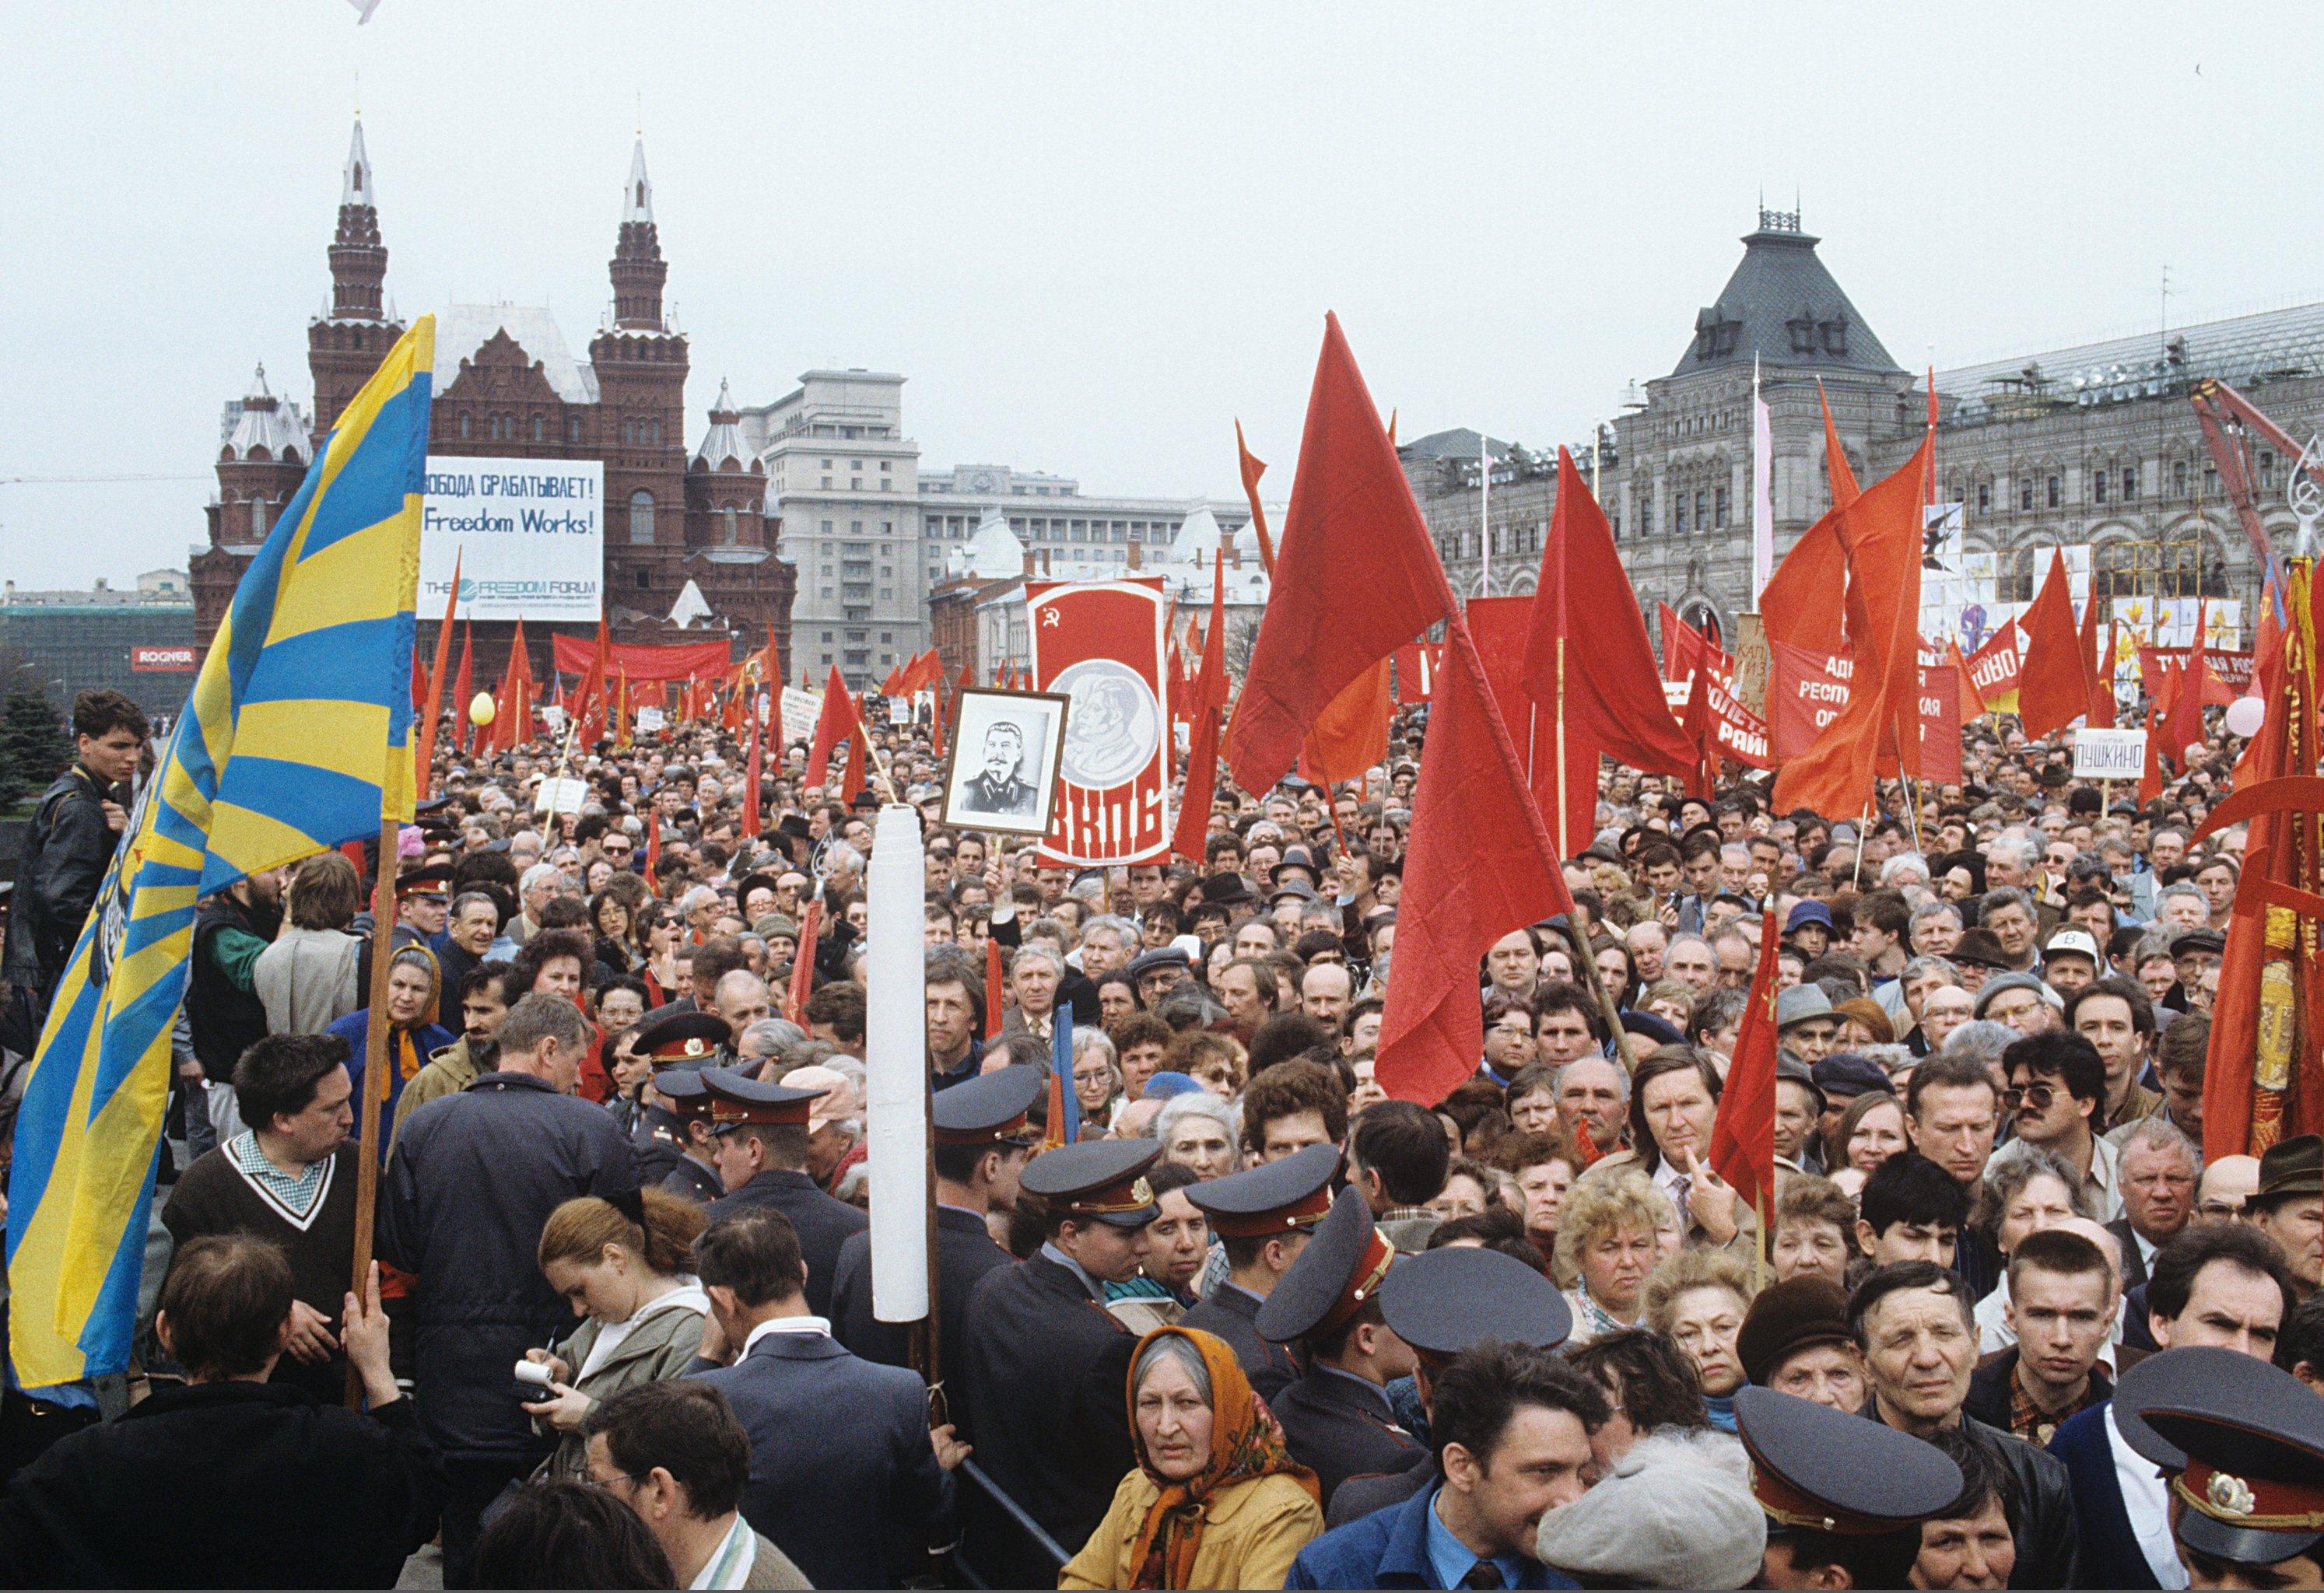 Красная площадь. Митинг-шествие. «Свобода срабатывает!»